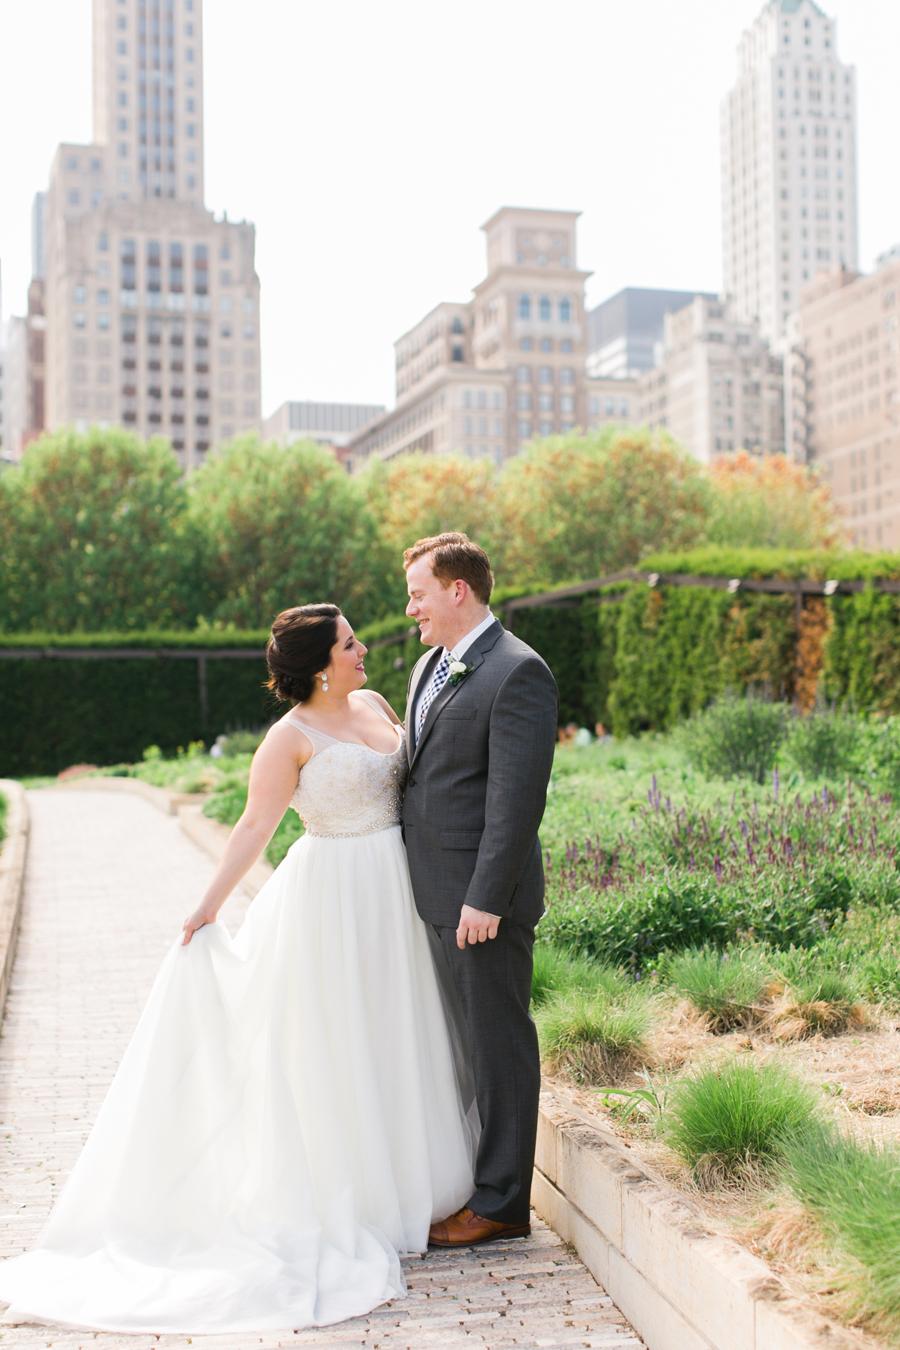 salvatores-chicago-wedding-016